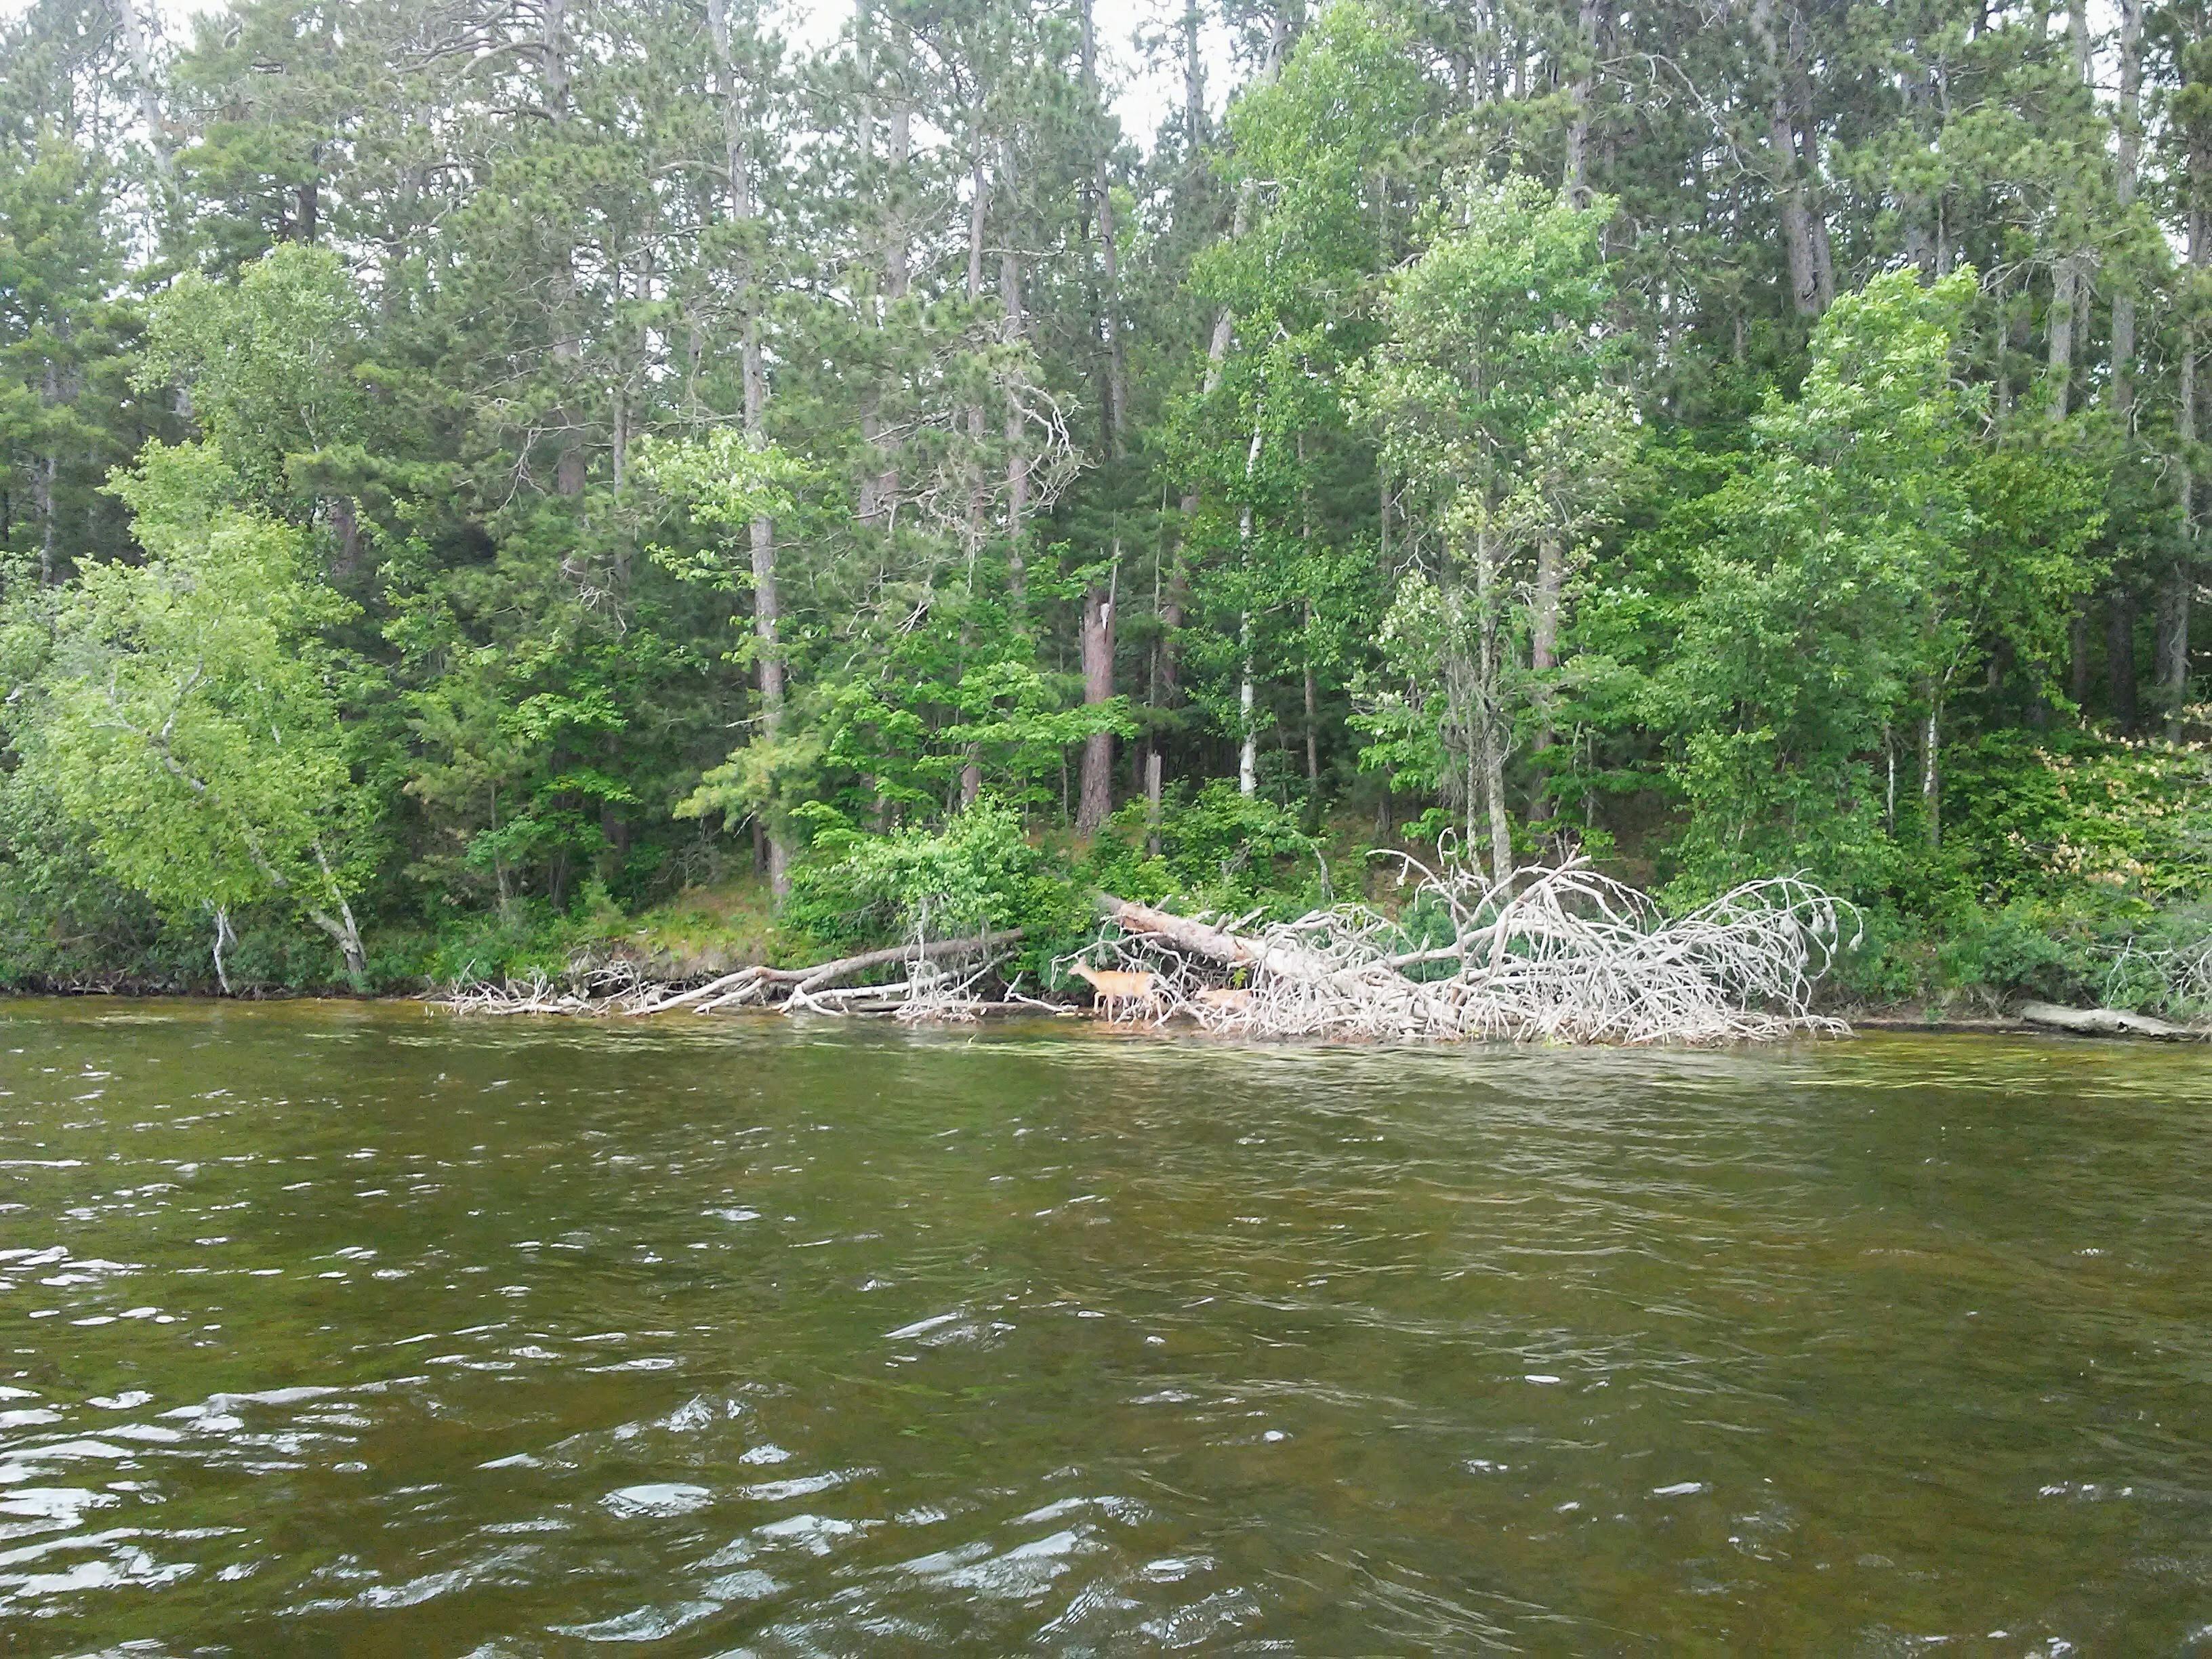 water, trees, two deer